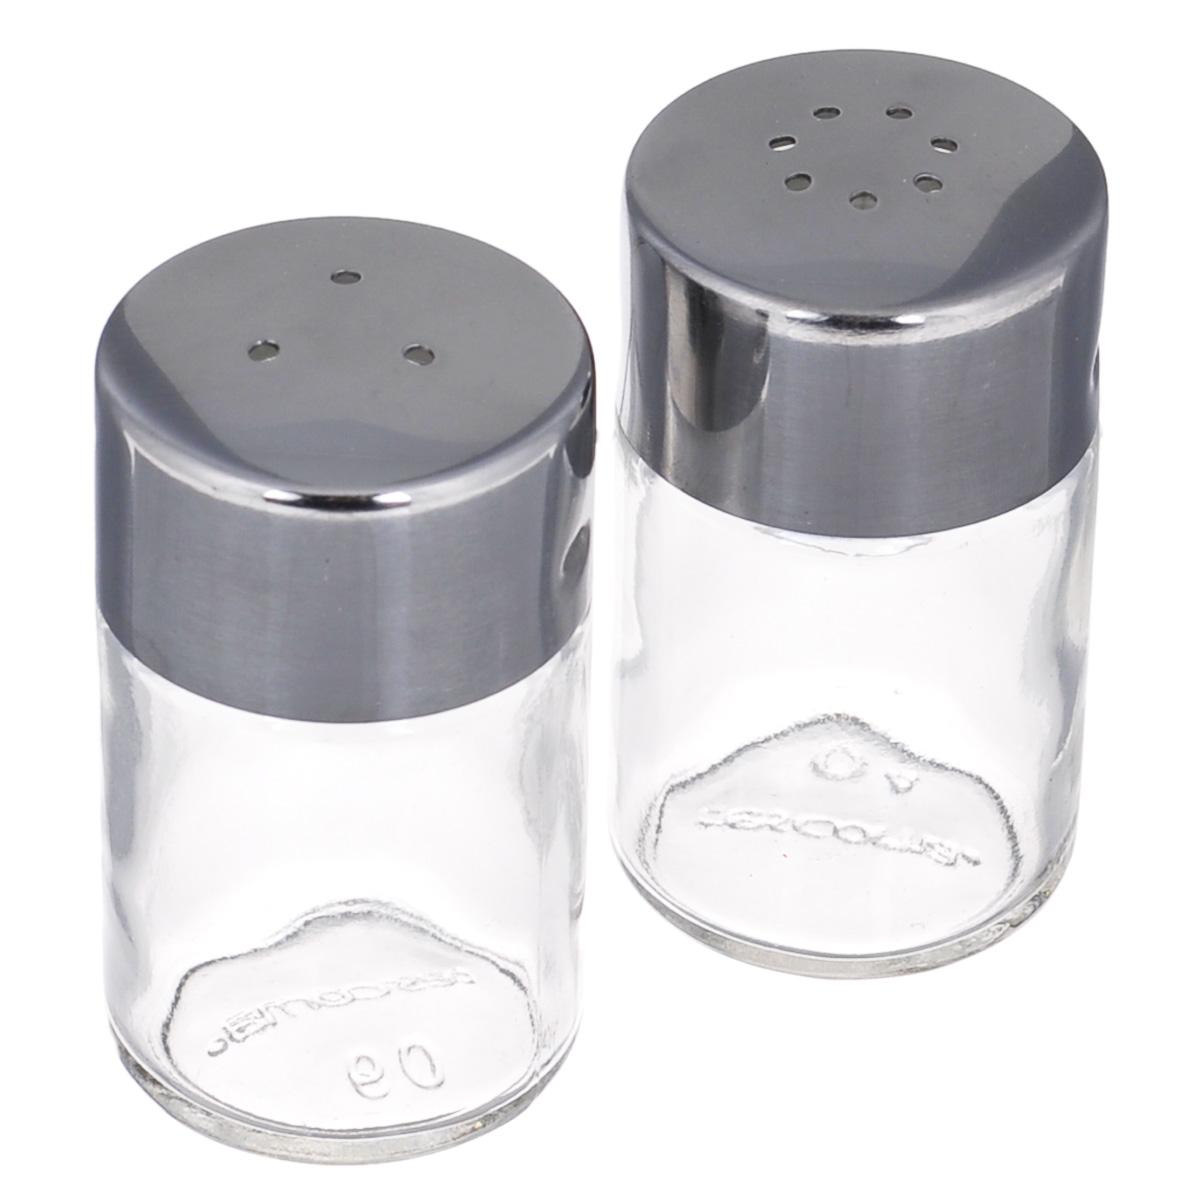 Набор для специй Tescoma Club, 2 предмета. 650310650310Набор Tescoma Club, состоящий из солонки и перечницы, изготовлен из первоклассной нержавеющей стали и стекла. Солонка и перечница легки в использовании: стоит только перевернуть емкости, и вы с легкостью сможете поперчить или добавить соль по вкусу в любое блюдо. Дизайн, эстетичность и функциональность набора позволят ему стать достойным дополнением к кухонному инвентарю.